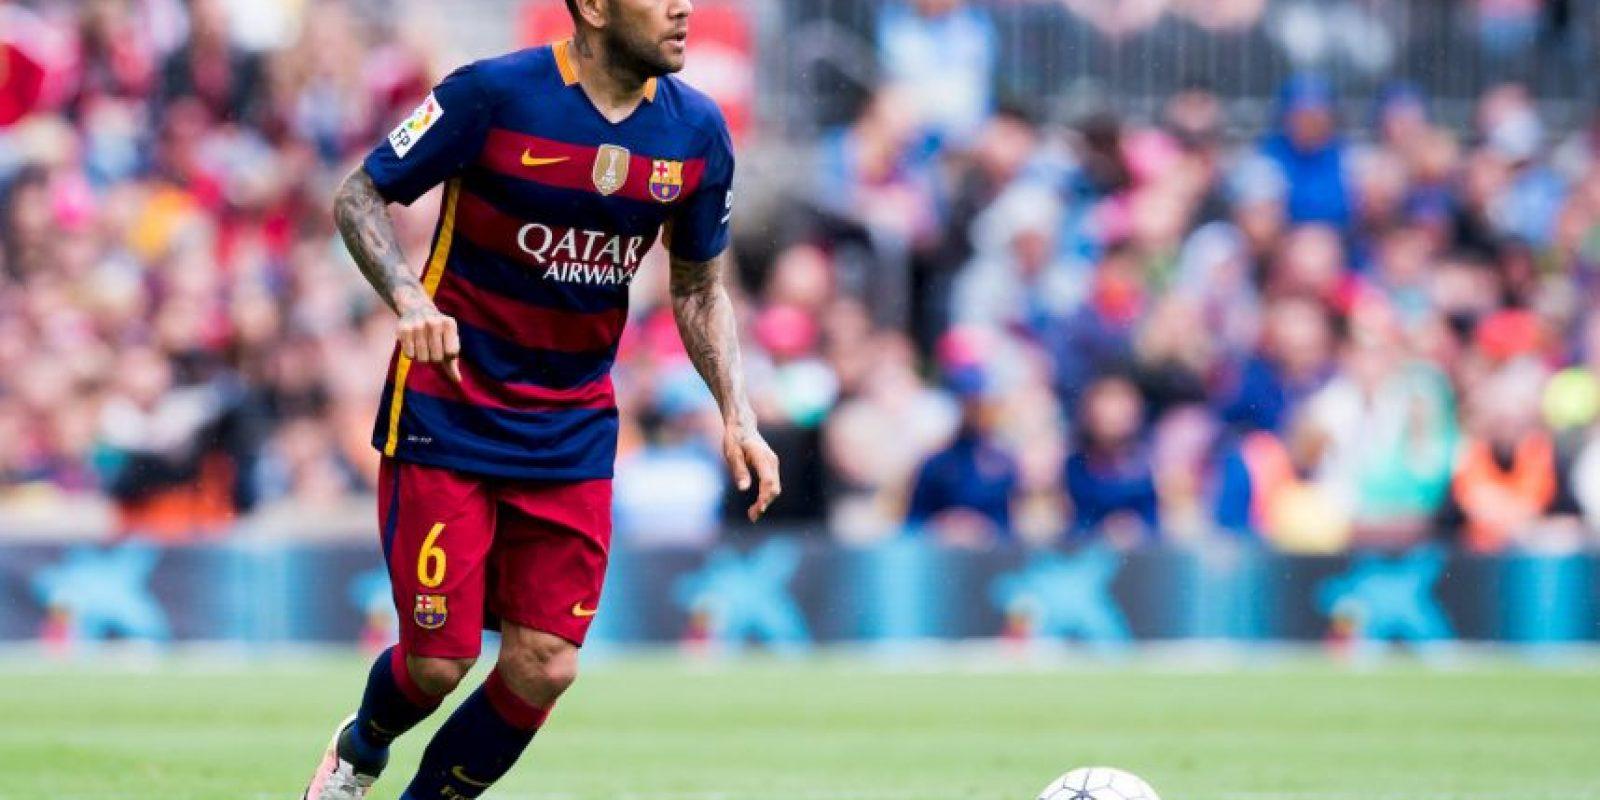 Pese a que ahora es jugador de Juventus, el brasileño tiene una deuda de 1,3 millones a la Hacienda Española por su época como jugador de Barcelona Foto:Getty Images